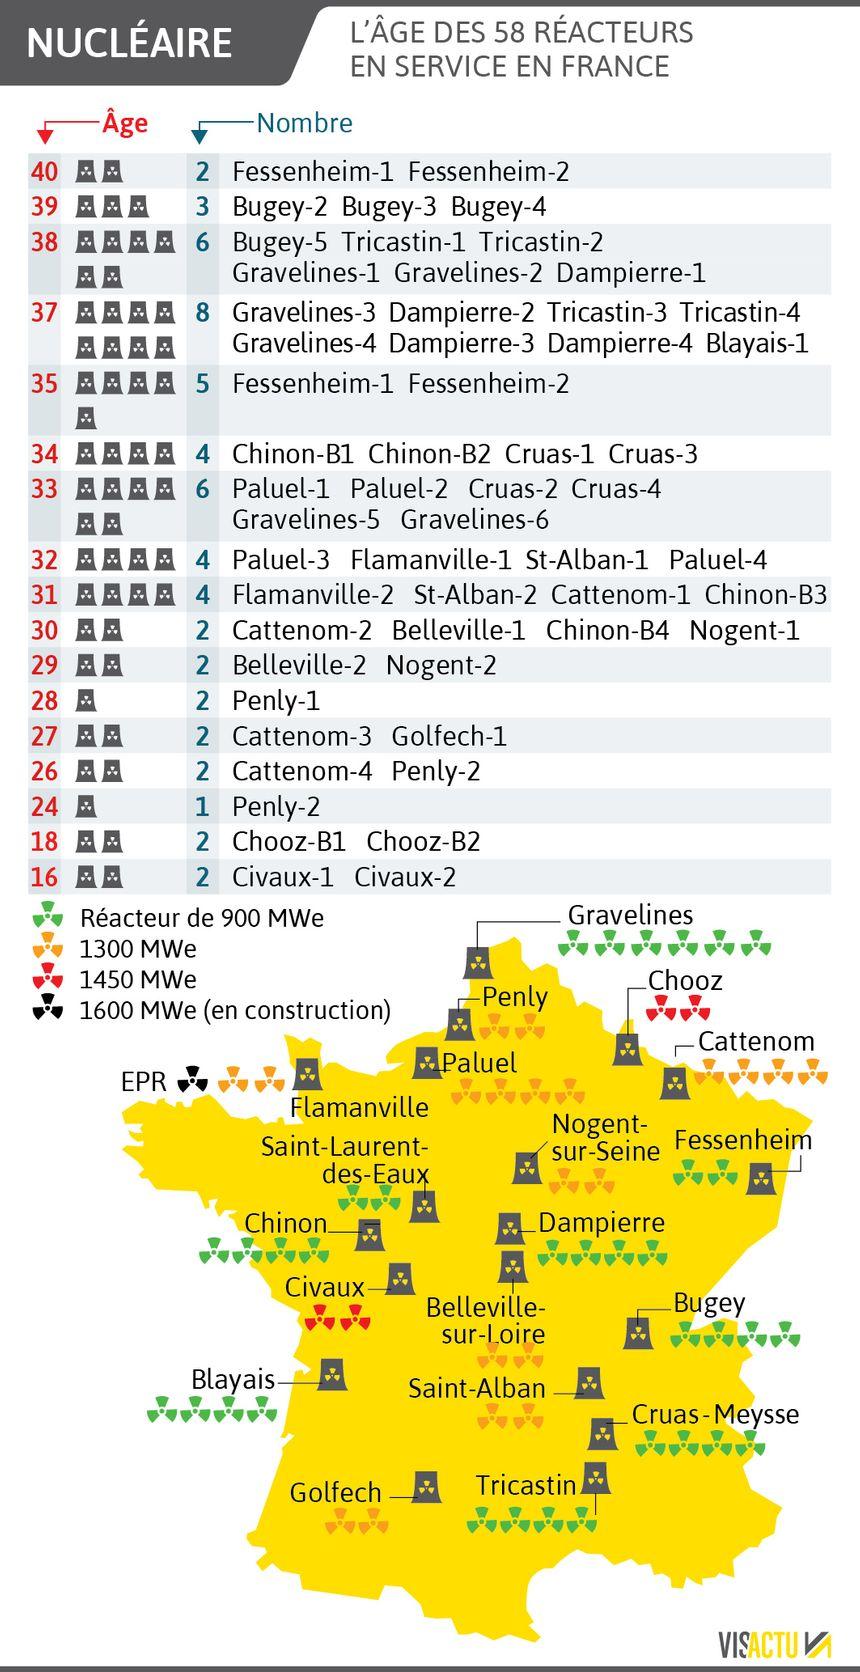 Les réacteurs nucléaires français.